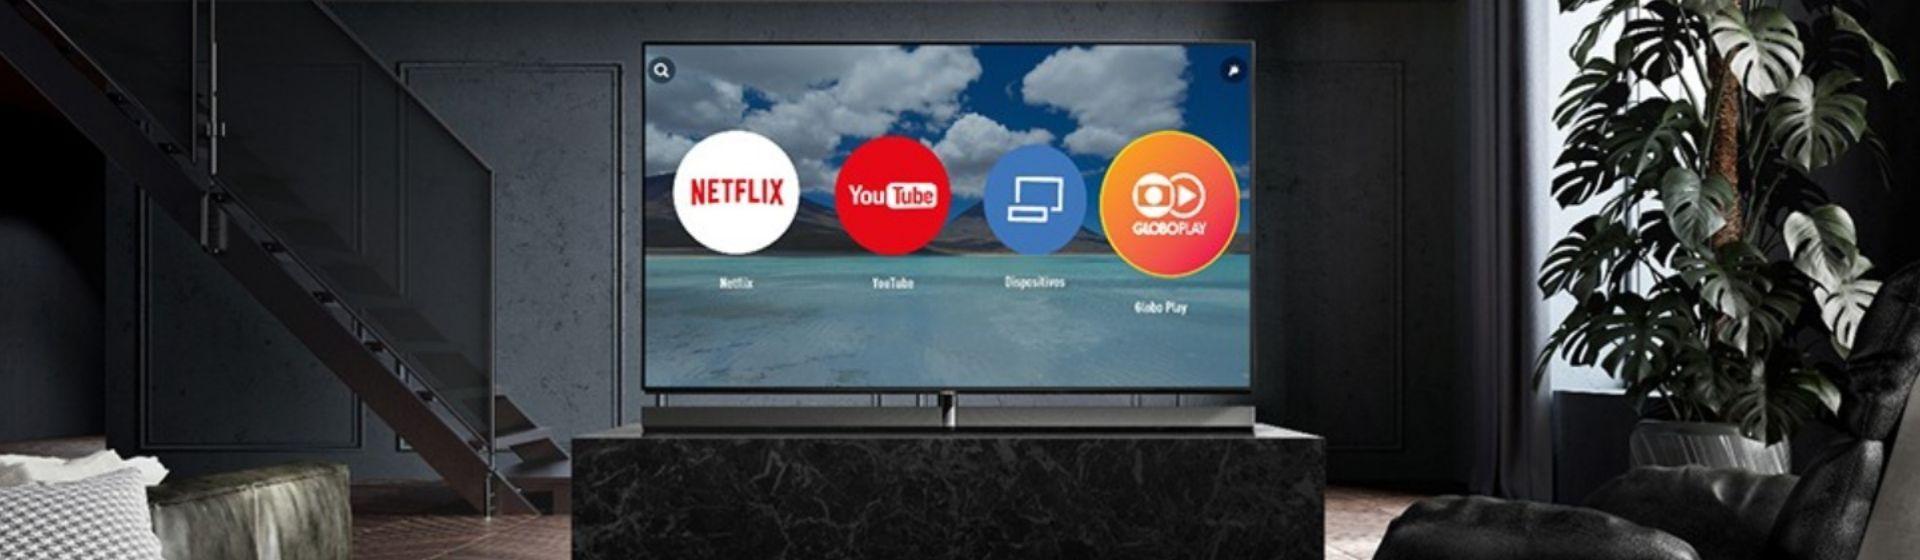 Como baixar aplicativos na smart TV Panasonic